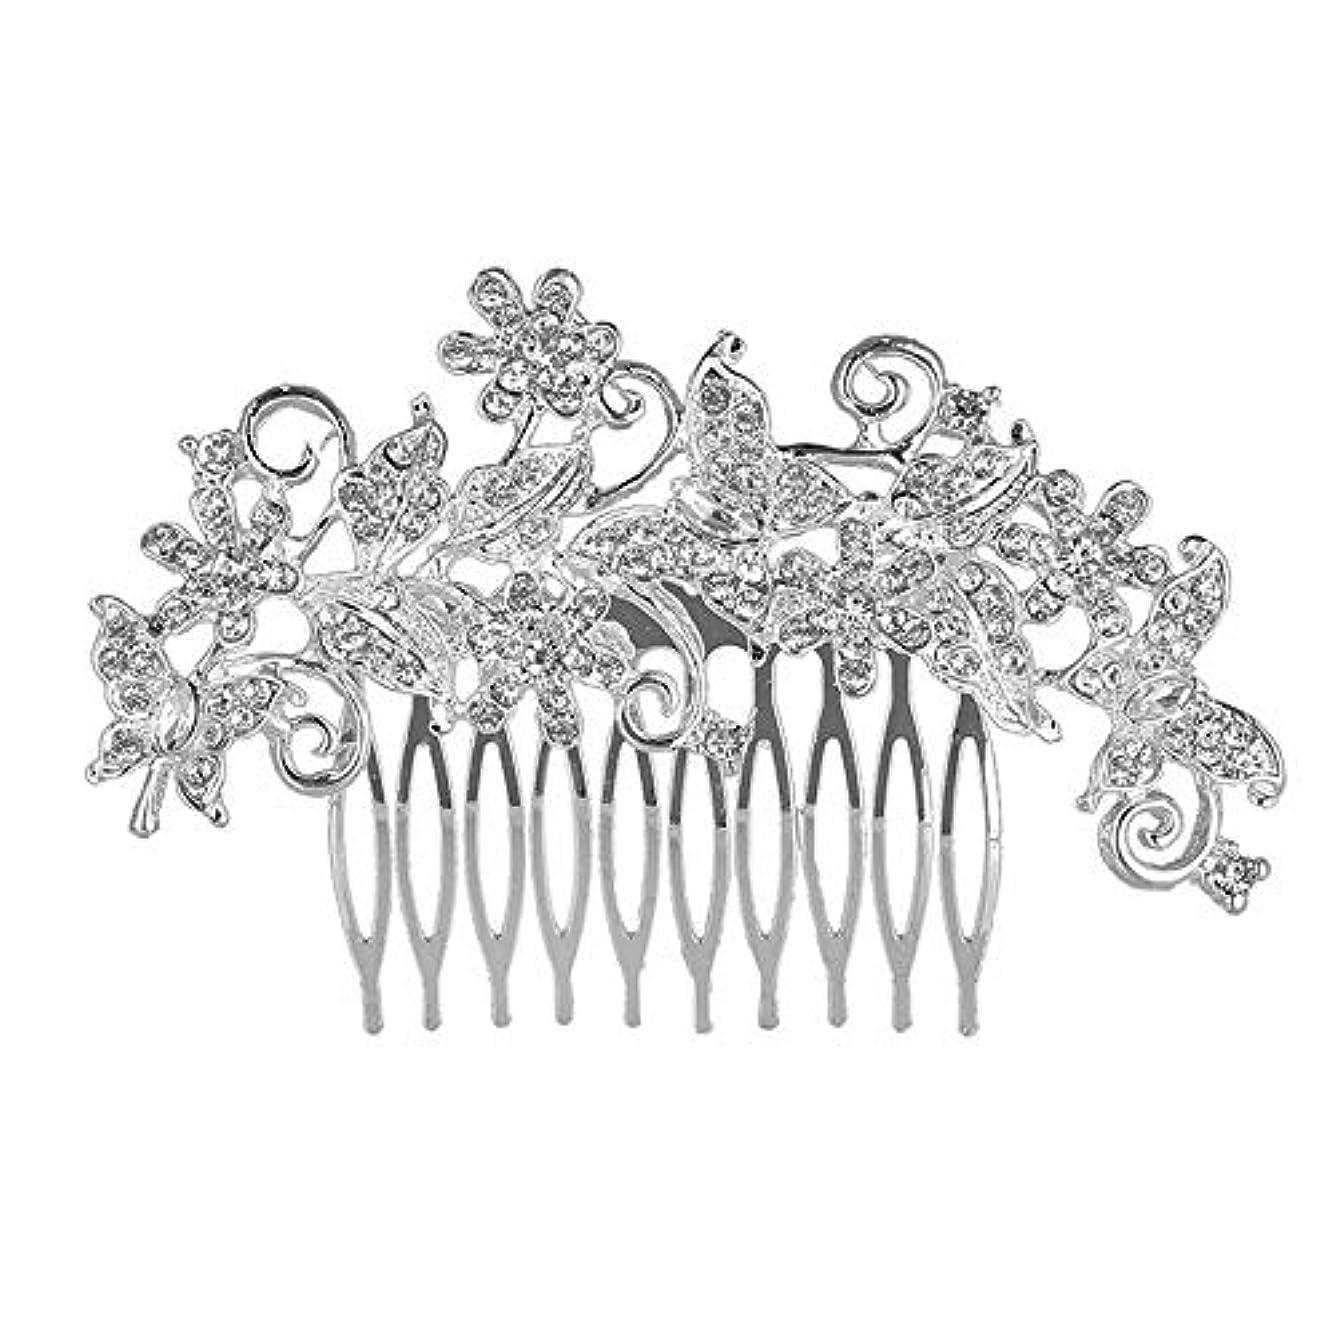 単位するだろうブランデー韓国のヘアアクセサリー_韓国の花嫁のヘアアクセサリー日の花のヘッドドレスファッションヘアコーム花嫁合金結婚式結婚式卸売